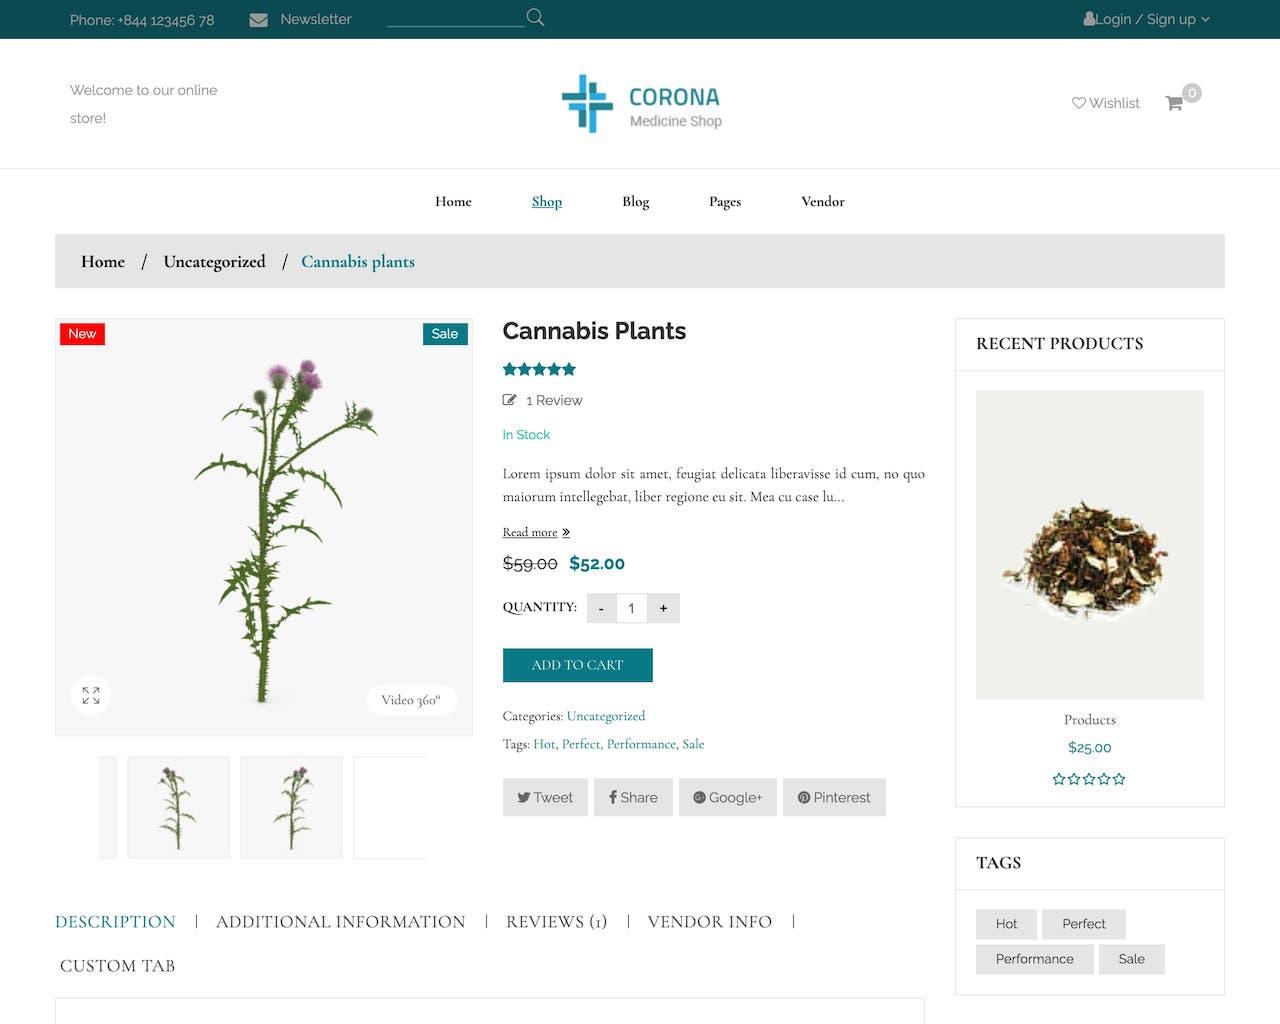 Website tiệm thuốc - cửa hàng dược phẩm-1